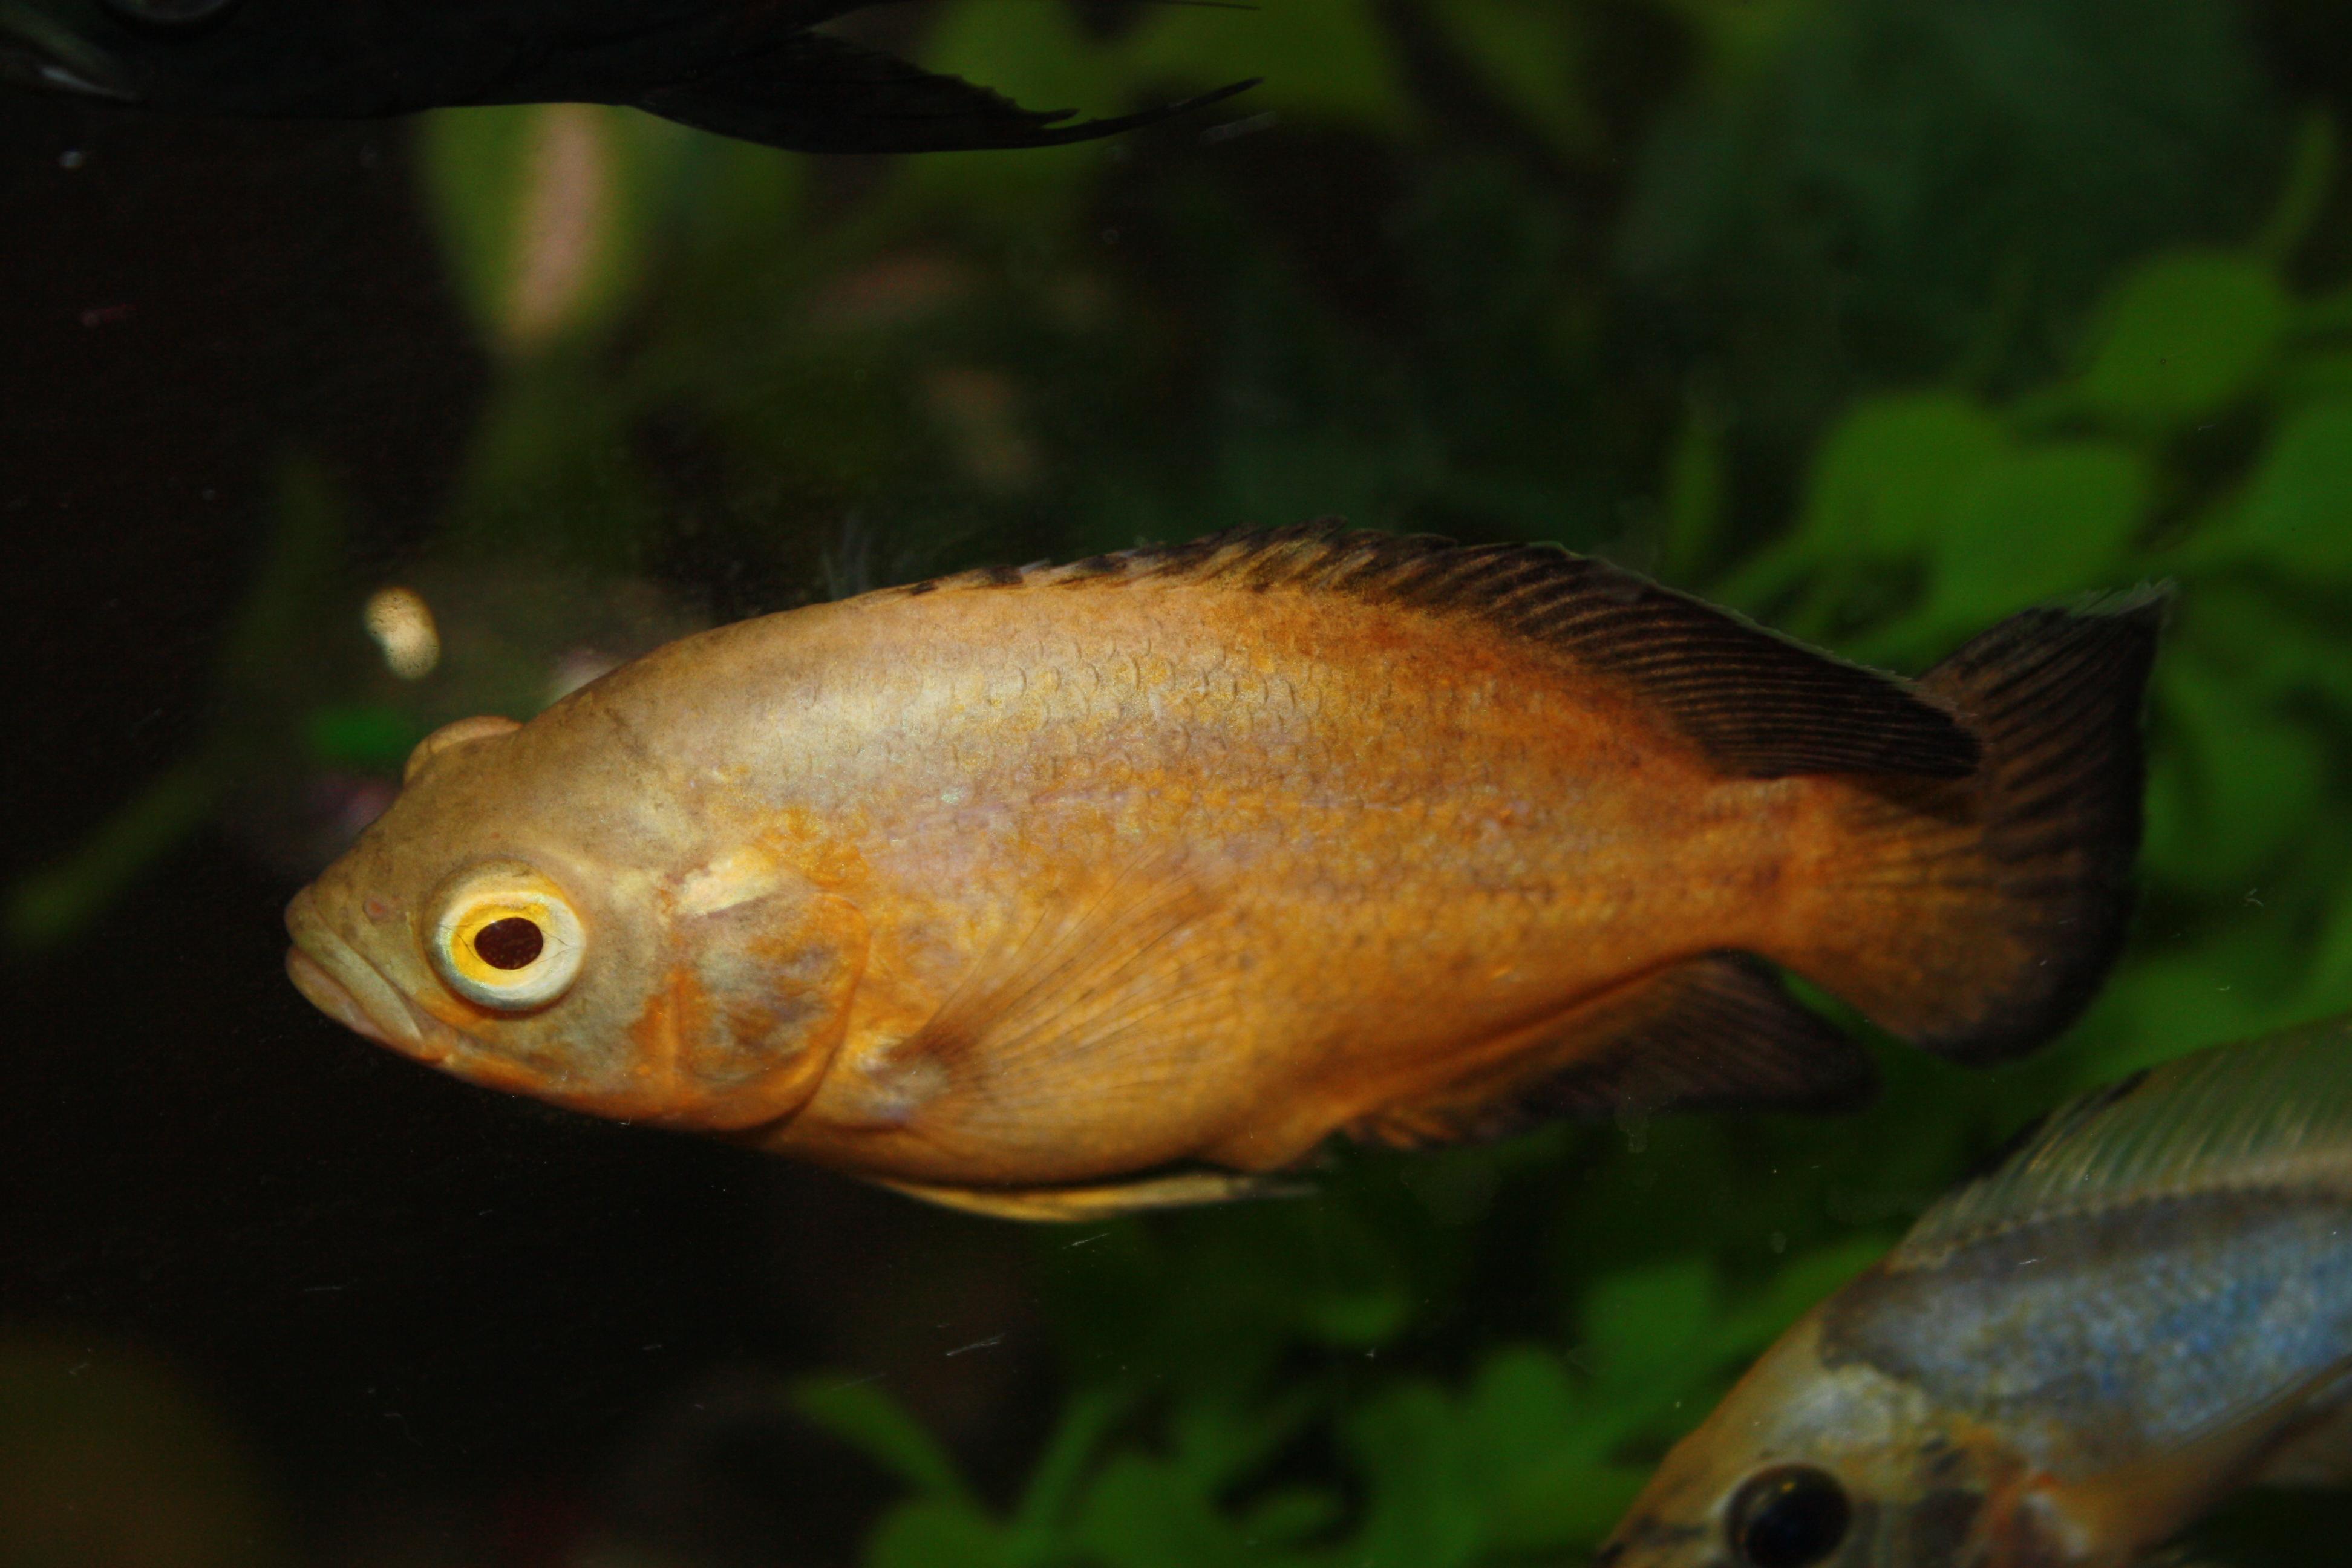 lemon oscar fish - photo #11